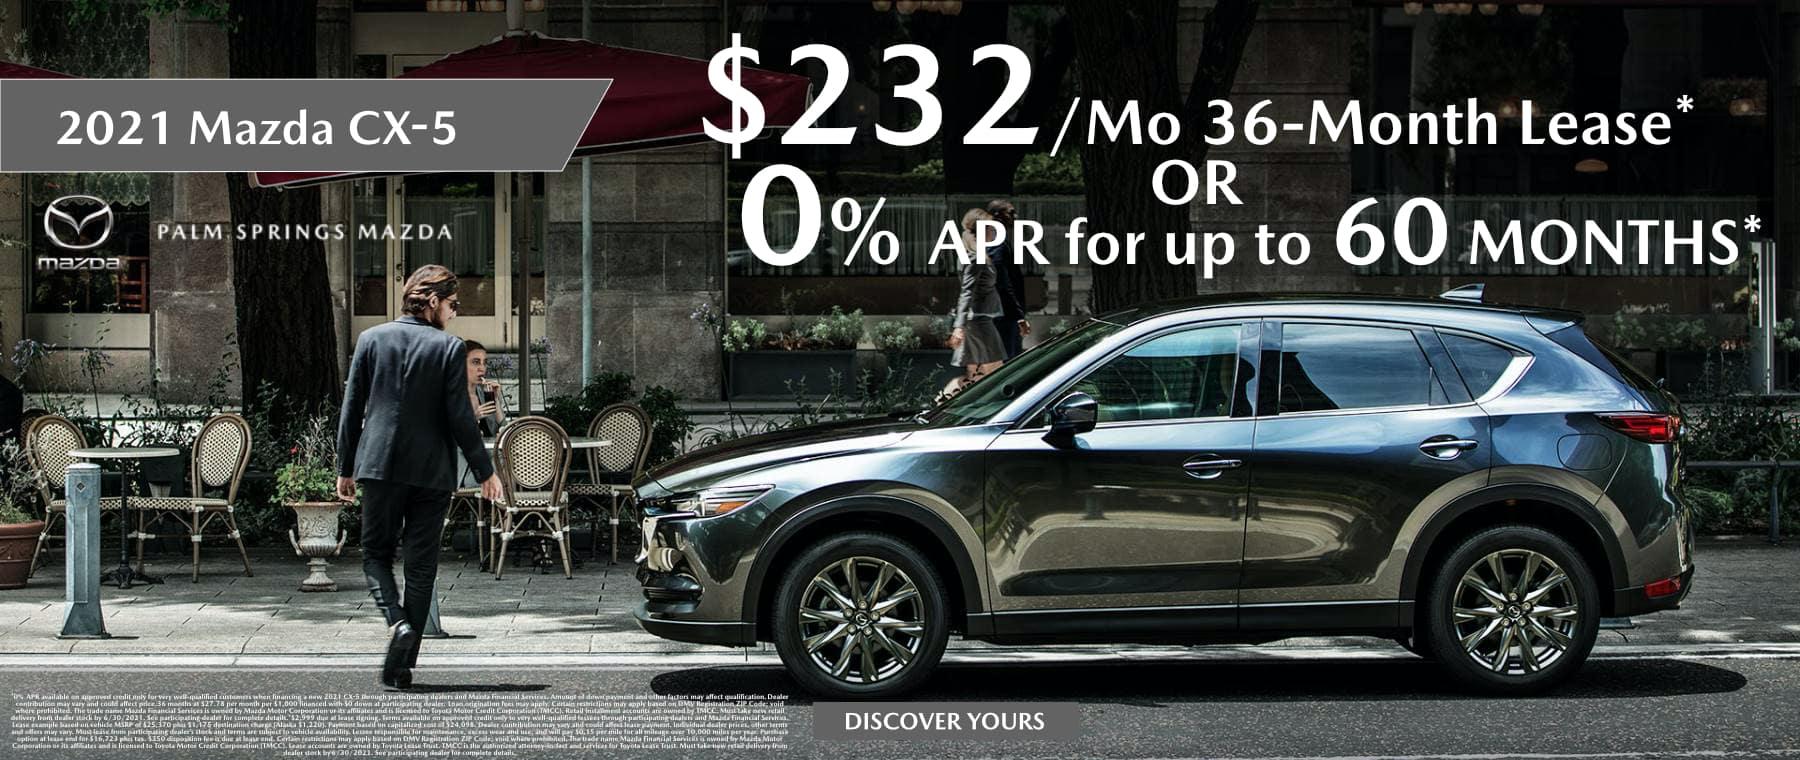 June_2021 Mazda CX-5